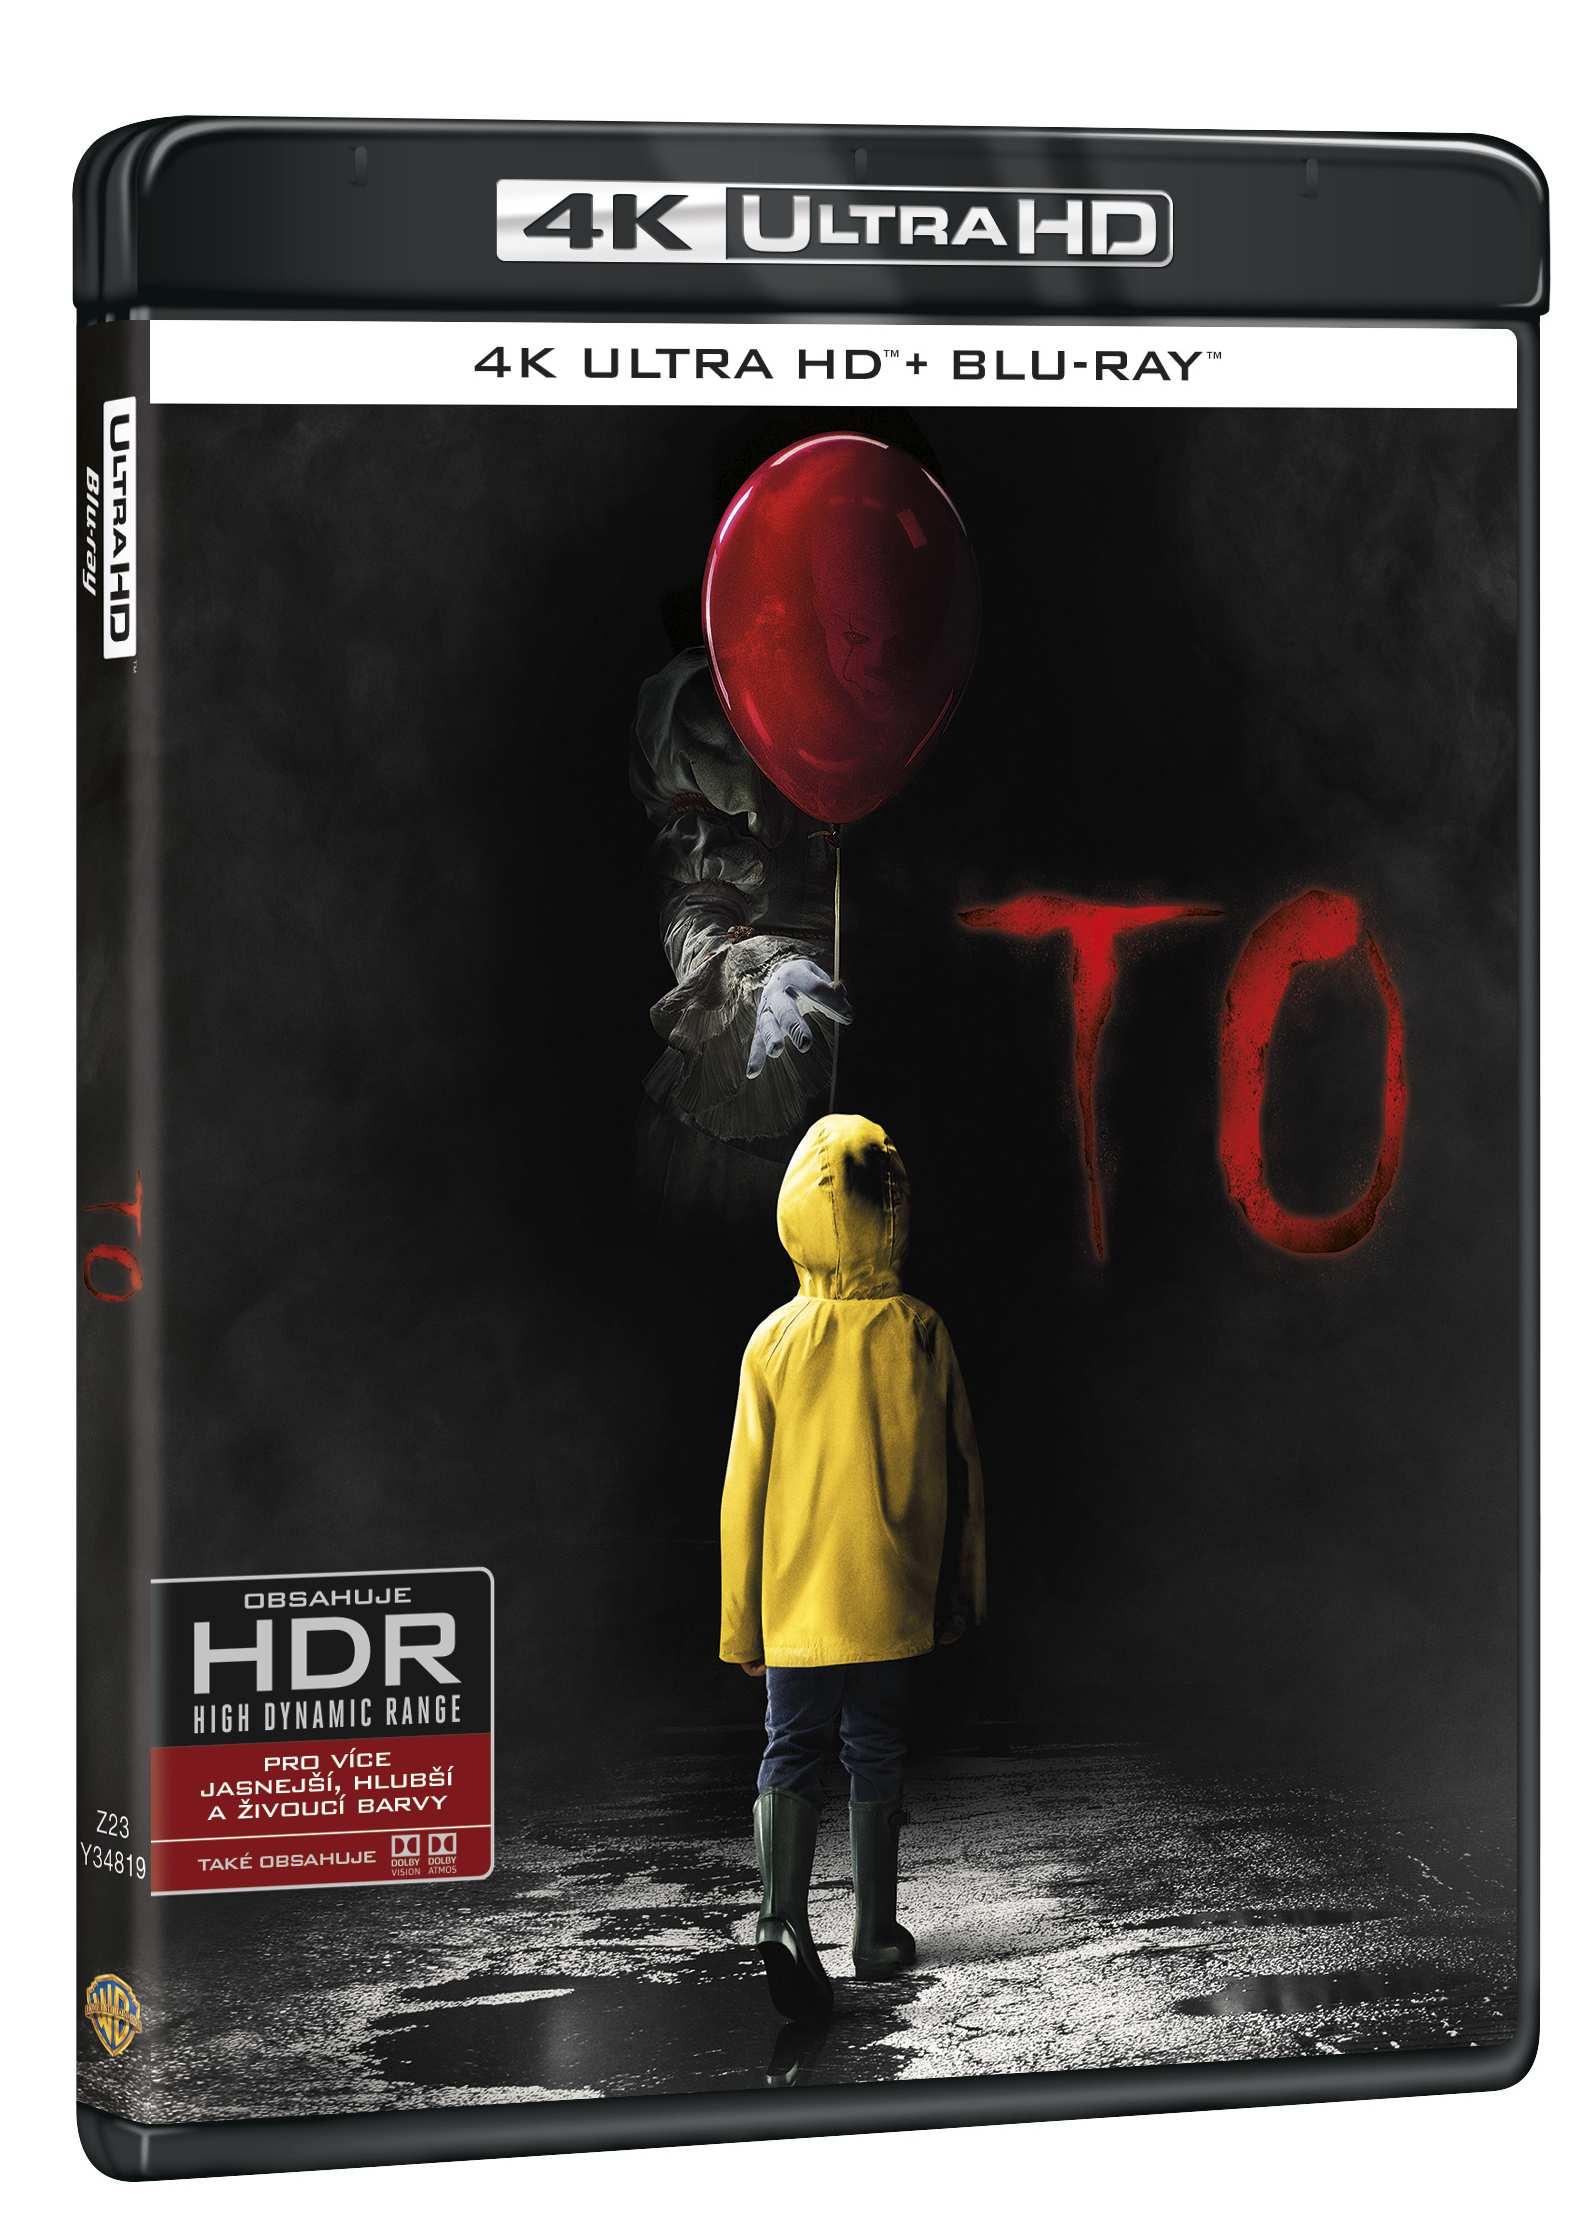 To (2017) - (4K ULTRA HD) - UHD Blu-ray + Blu-ray (2 BD)